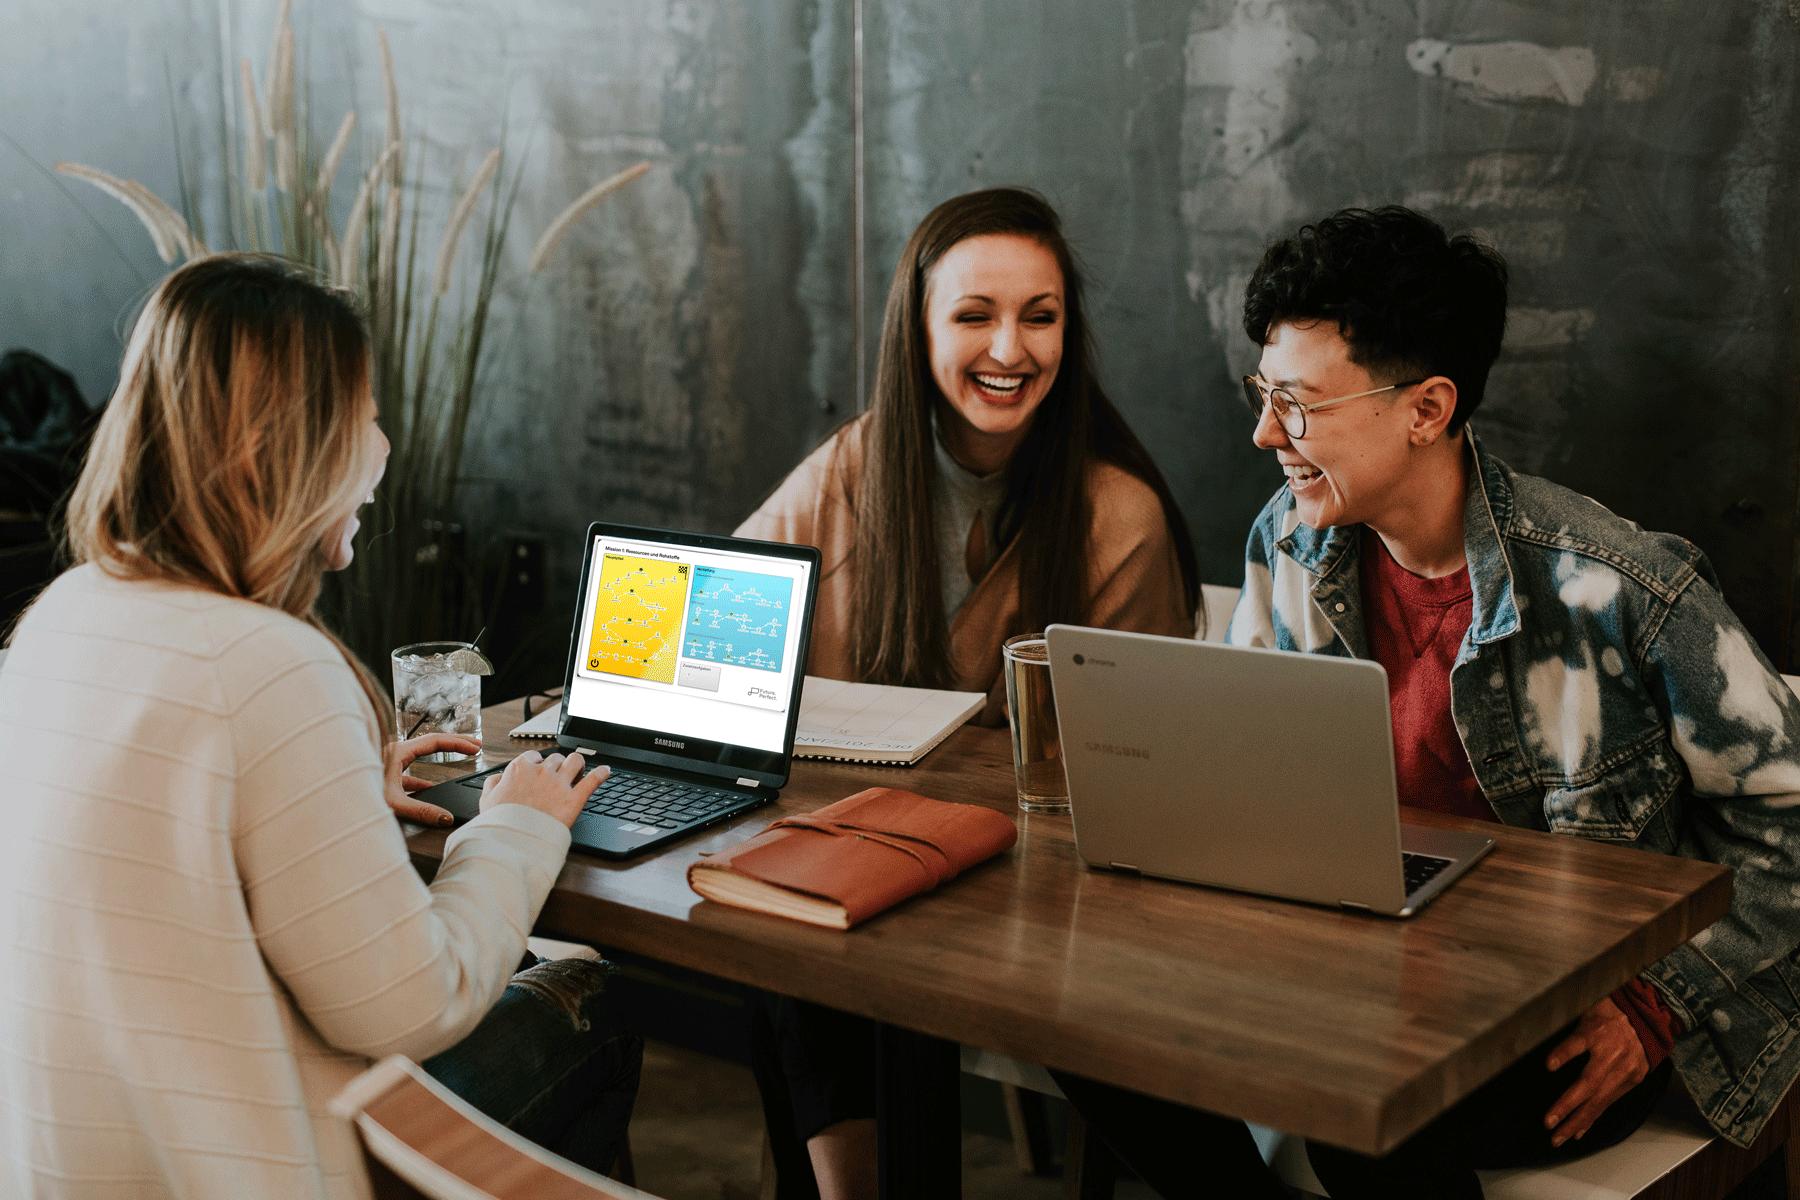 Drei junge Frauen sitzen an einem Tisch und lachen. Auf dem Bildschirm eines Laptops sieht man, dass sie mit Future Perfect lernen.